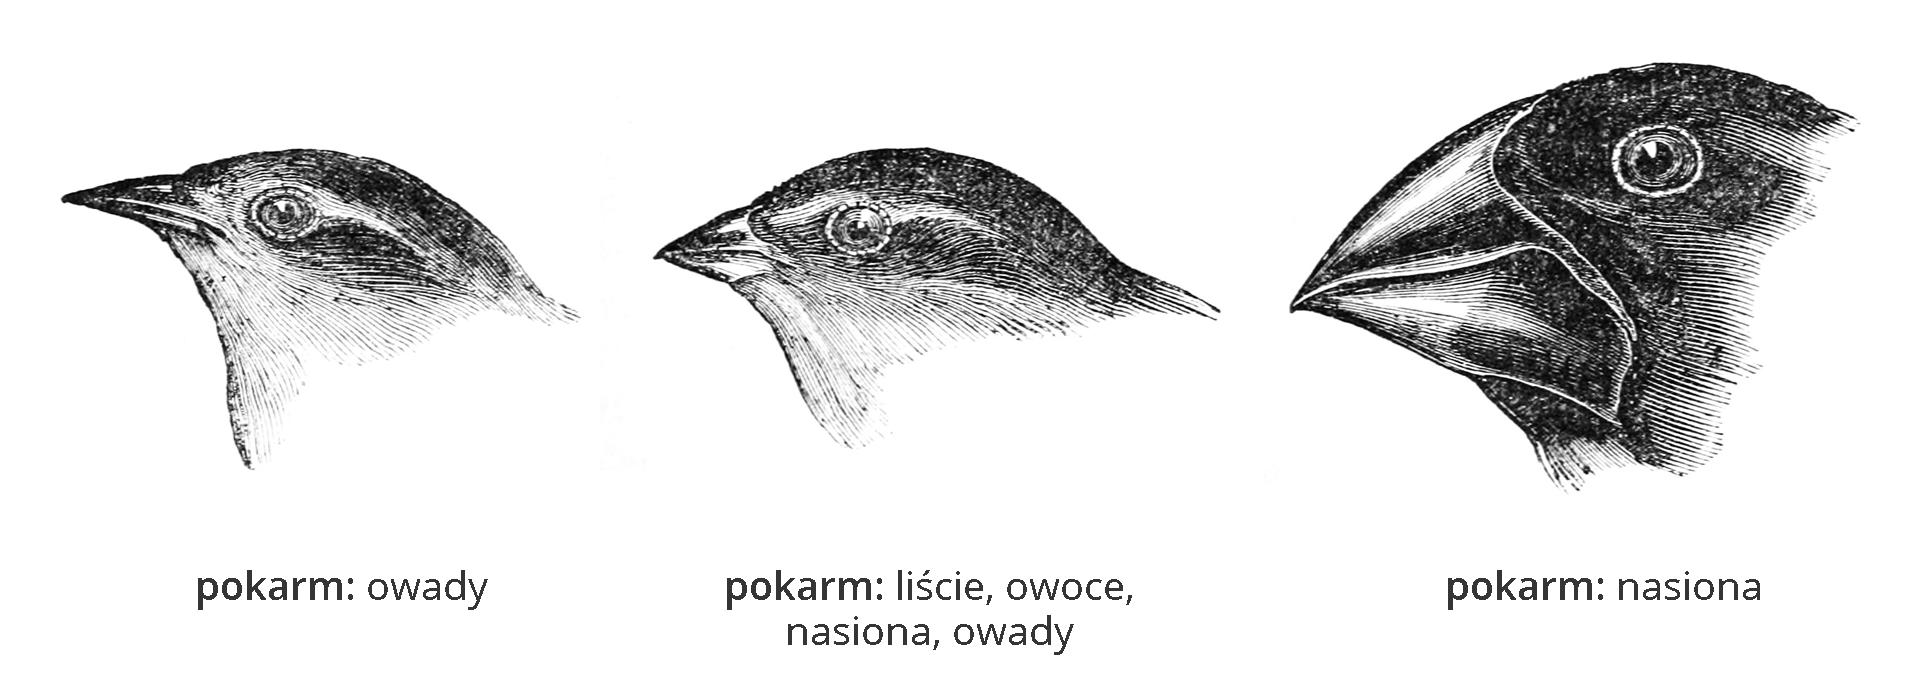 Ilustracja przedstawia rysunki trzech głów ptaków – zięb darwinek, skierowane wlewo. Pierwsza ma mały, cienki dziób ijest owadożerna. Dziób środkowej darwinki jest krótki igruby. Jej pokarm to liście, owoce, nasiona, owady. Ostatnia ma dużą głowę imocny, szeroki dziób. Żywi się twardymi nasionami.